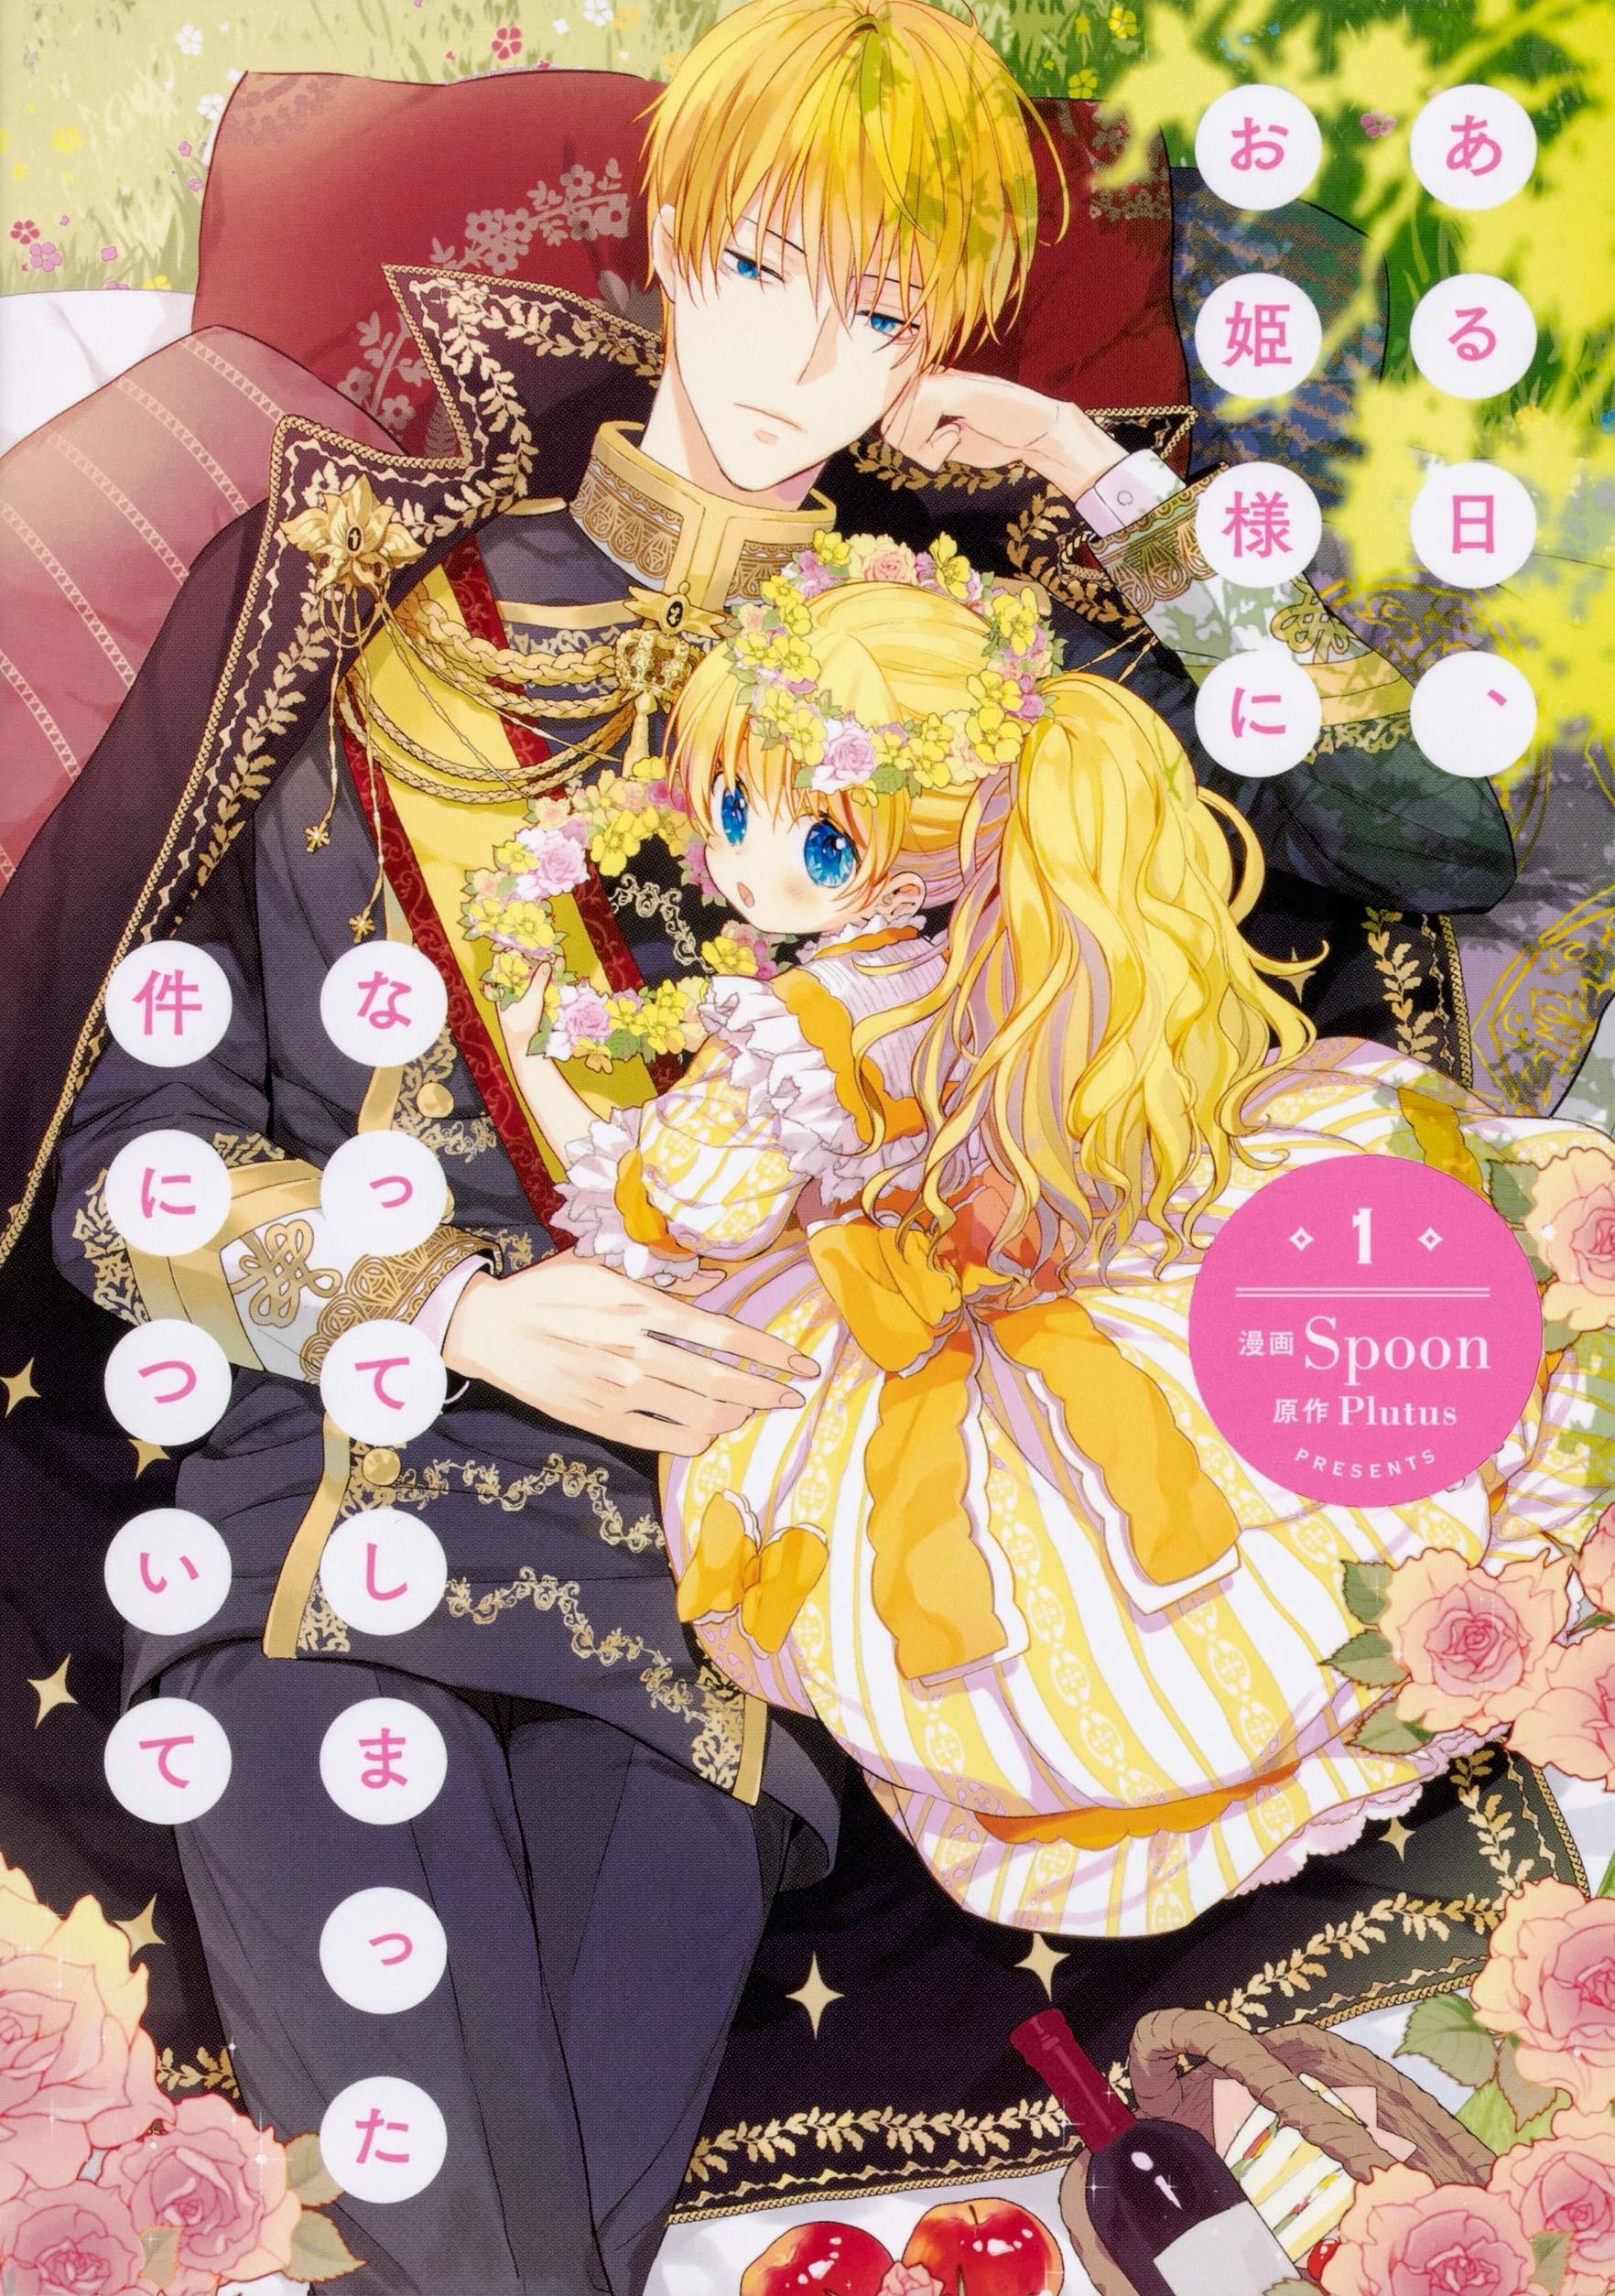 ある 日 お姫様 に なっ て しまっ た 件 について 英語 ある姫の英語版を見る方法を教えてください(TT)